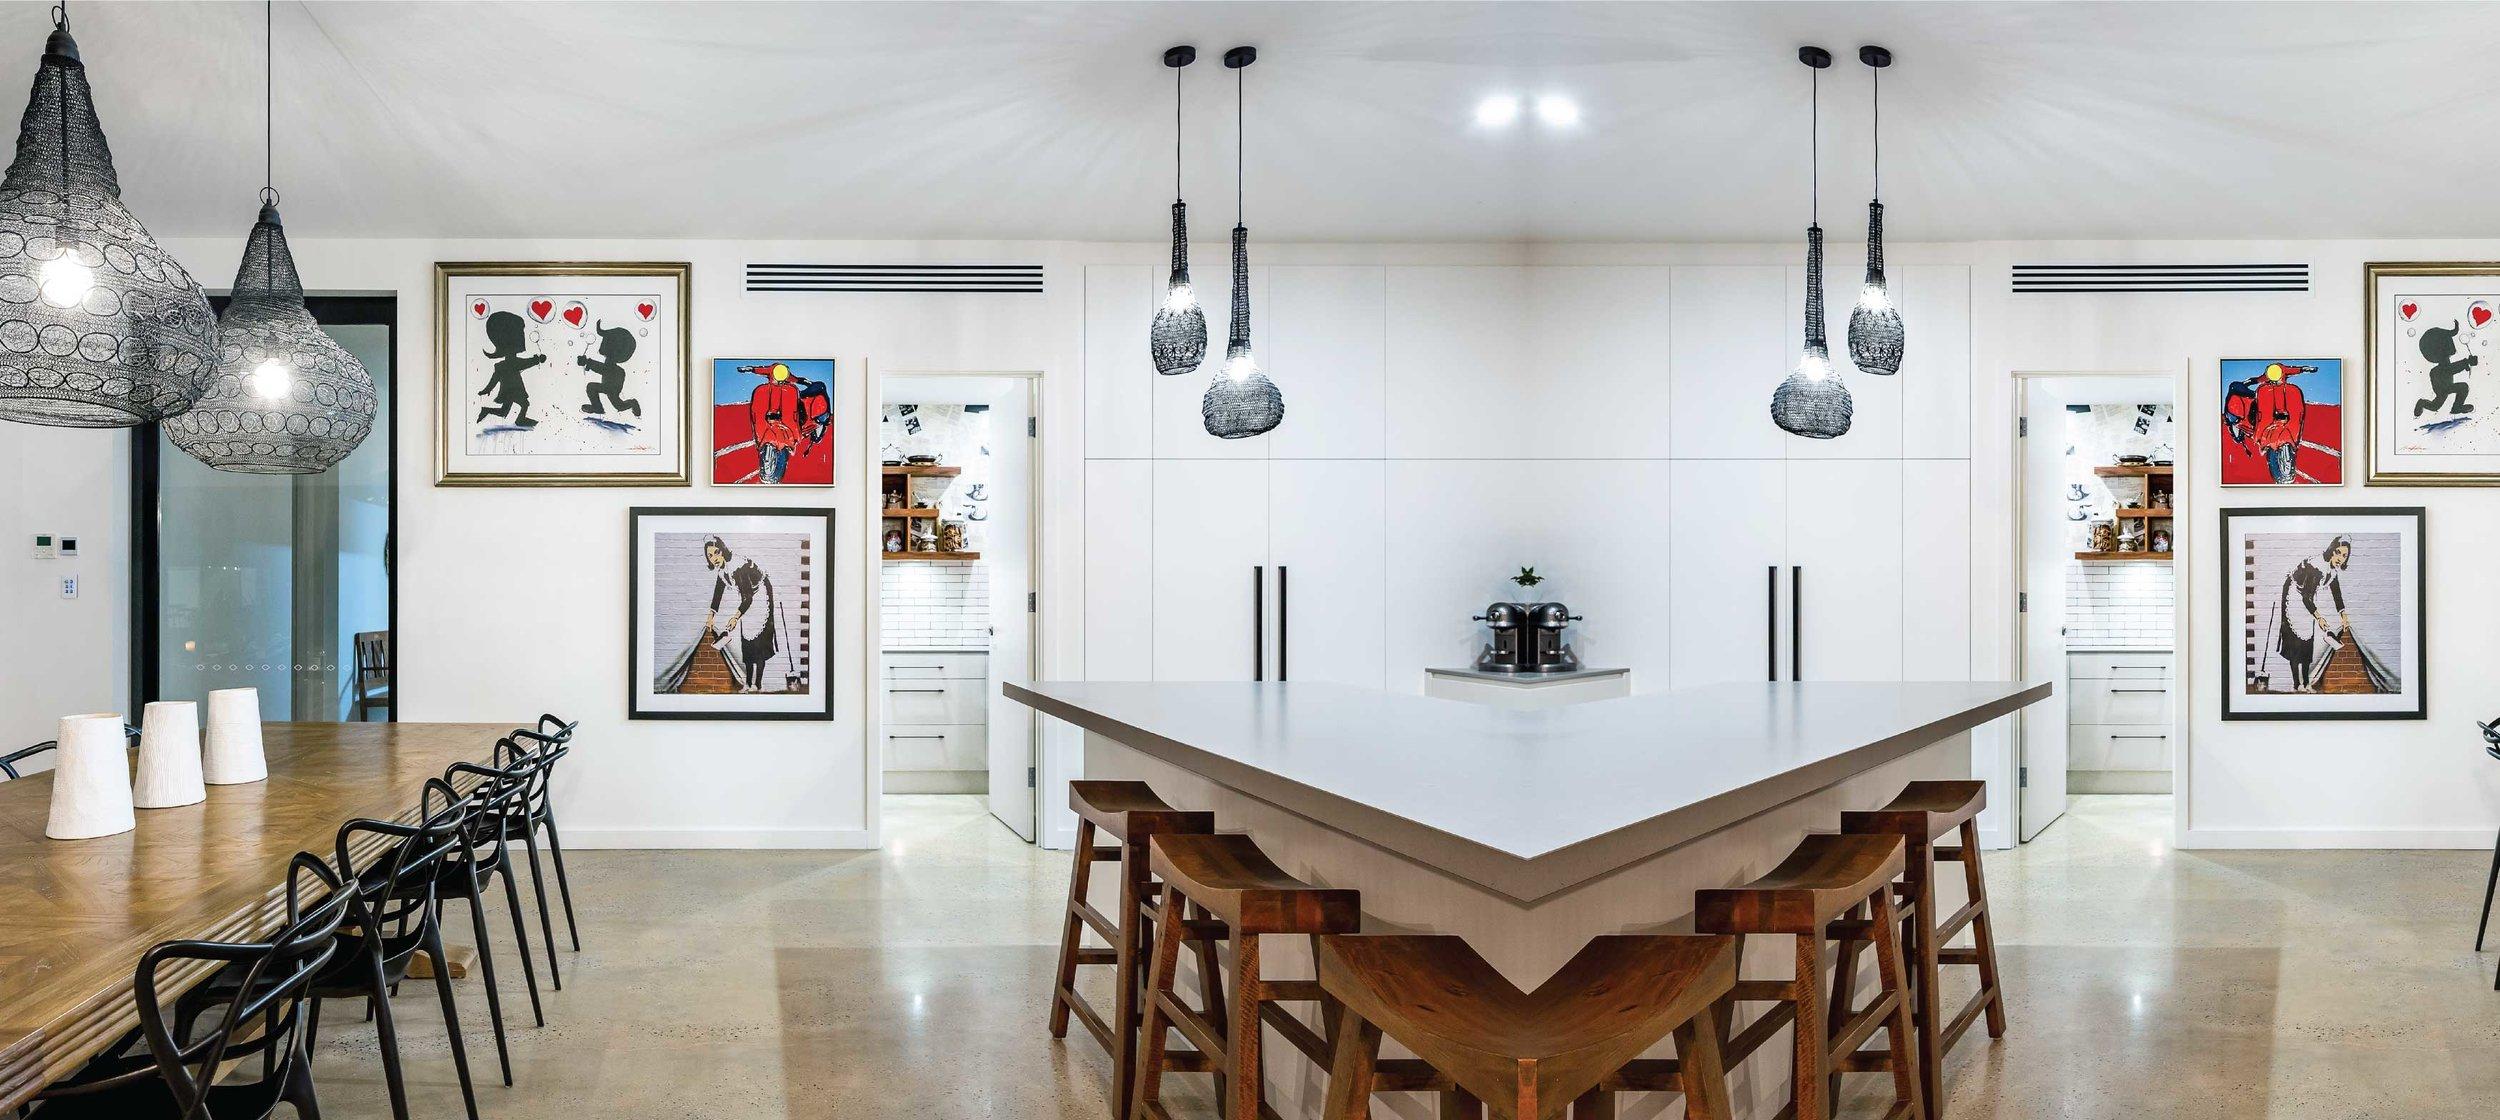 Turnbull-Built-South-Australian-Builder-Kitchen.jpg